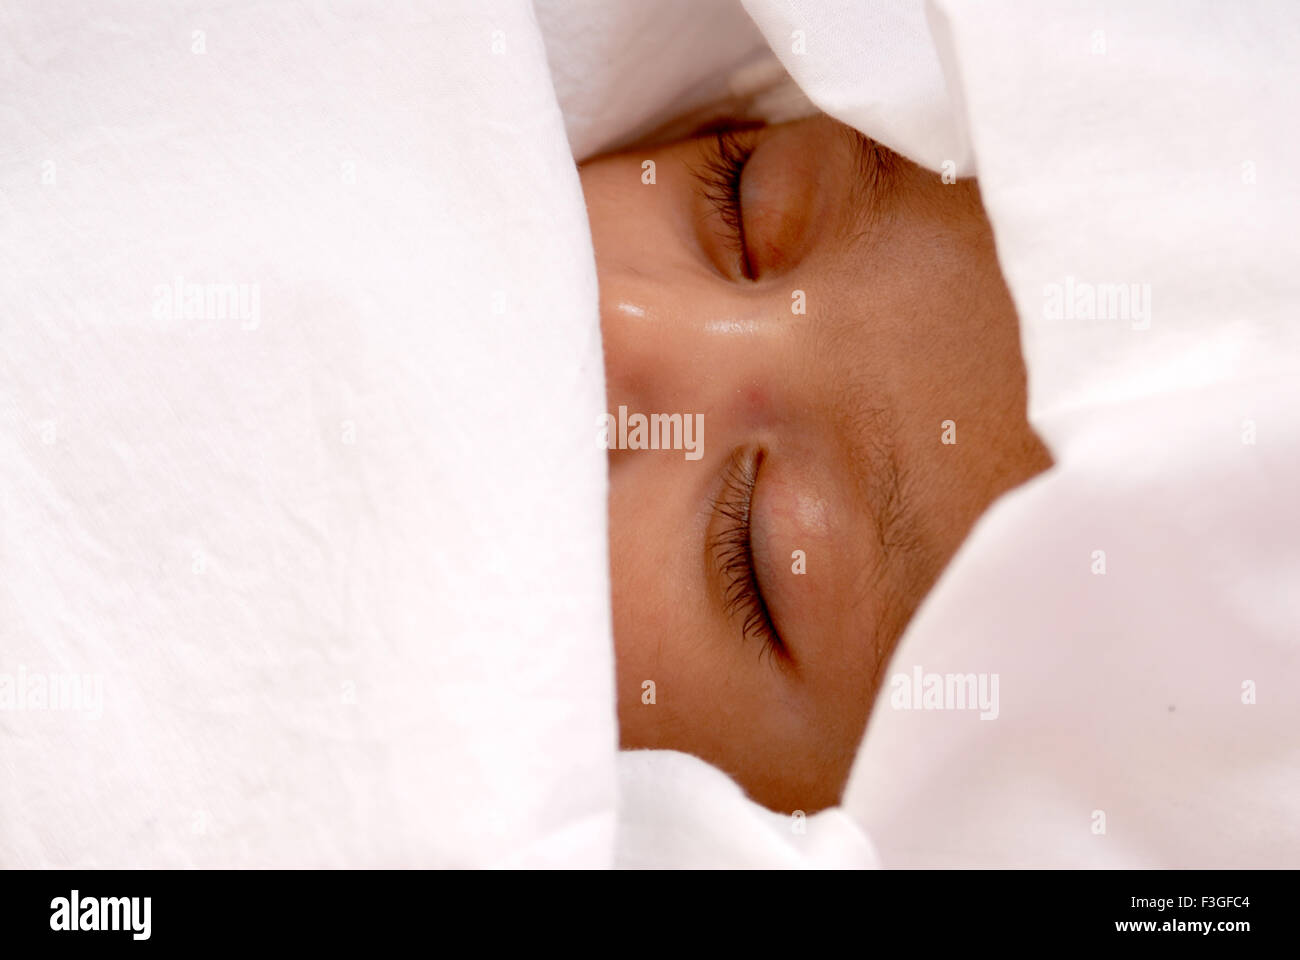 Indian Baby girl bambino che dorme tranquillamente coperto panno bianco - signor#512 - 123467 rmm Immagini Stock